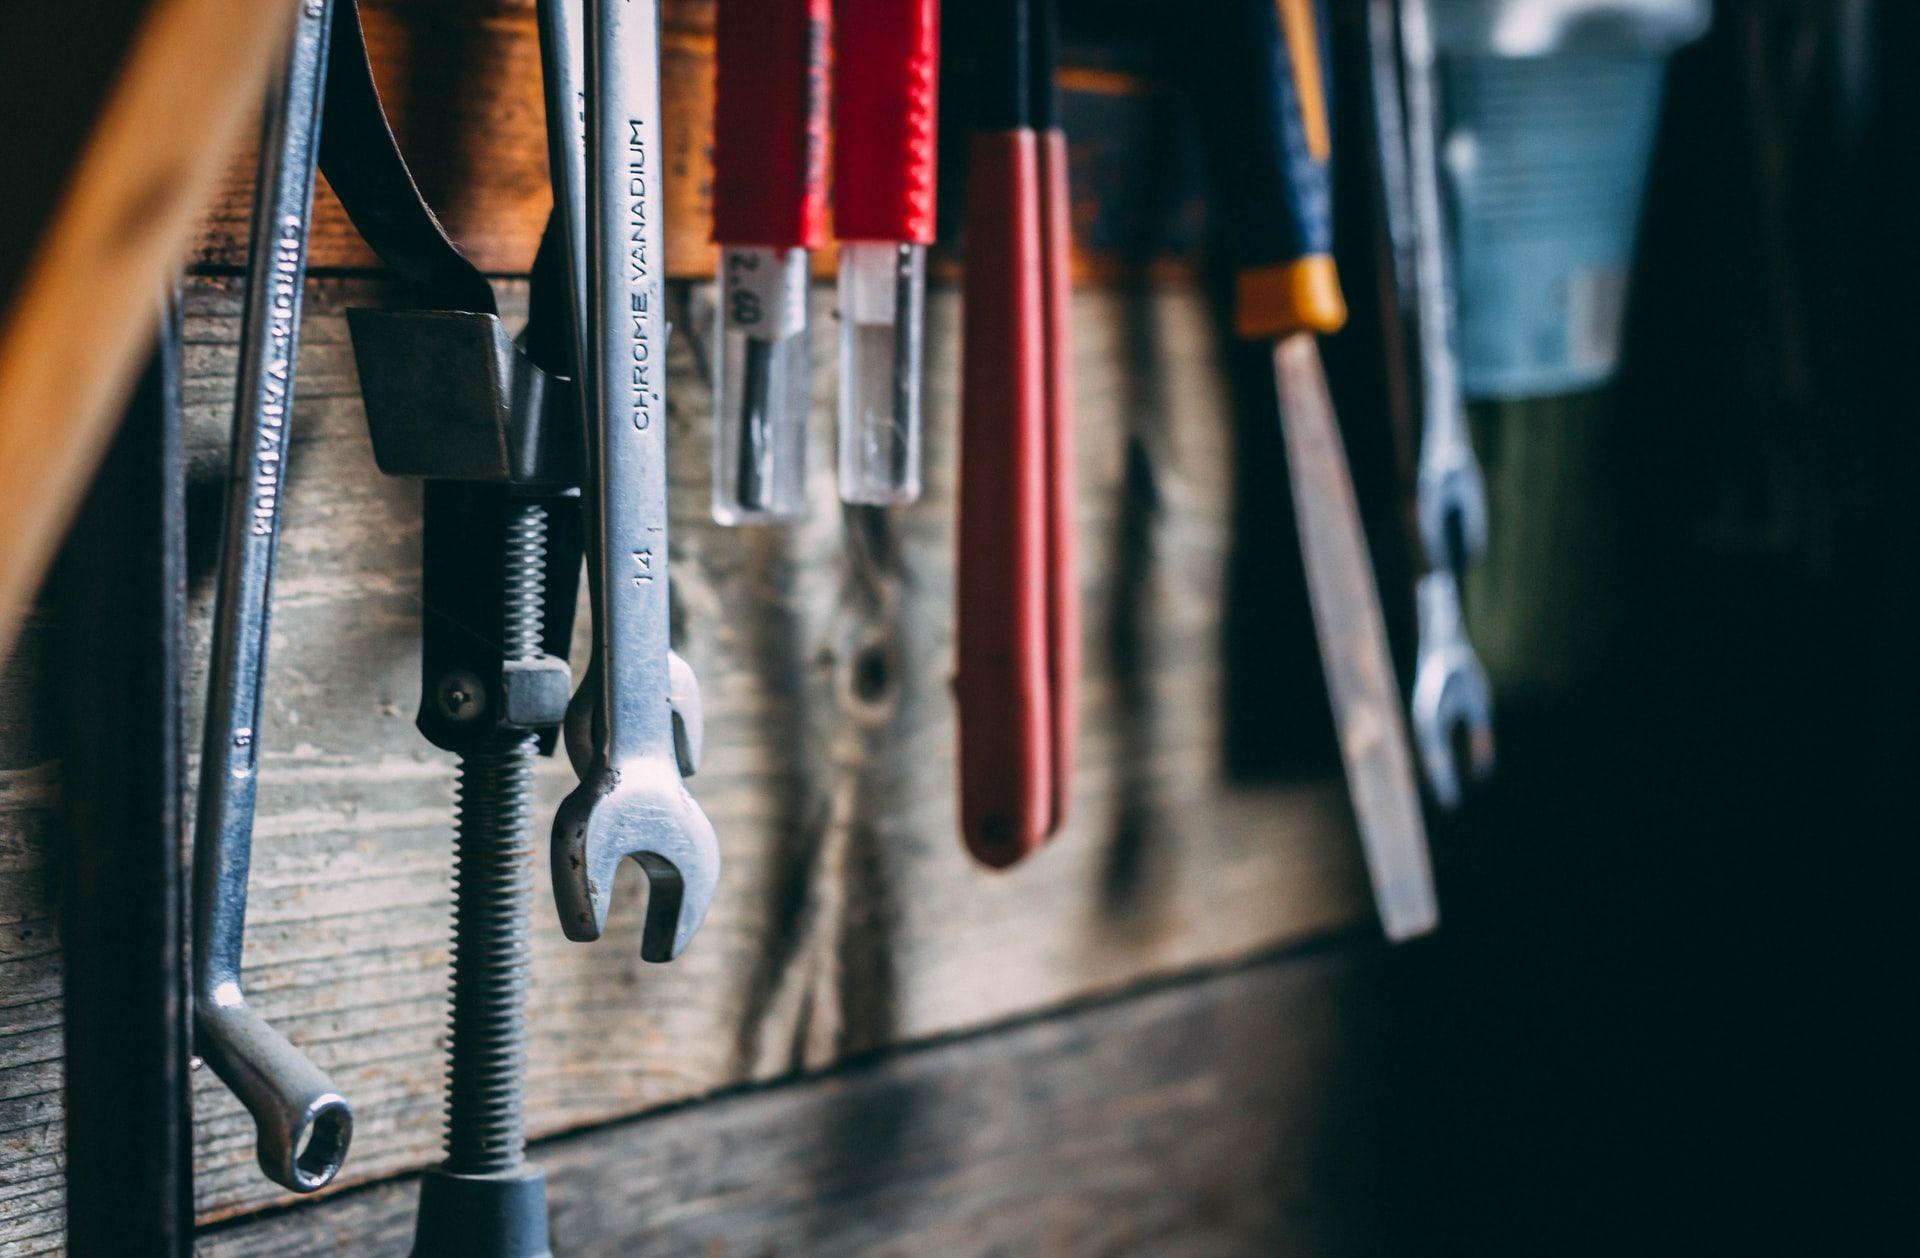 Työkaluja riippuu seinällä